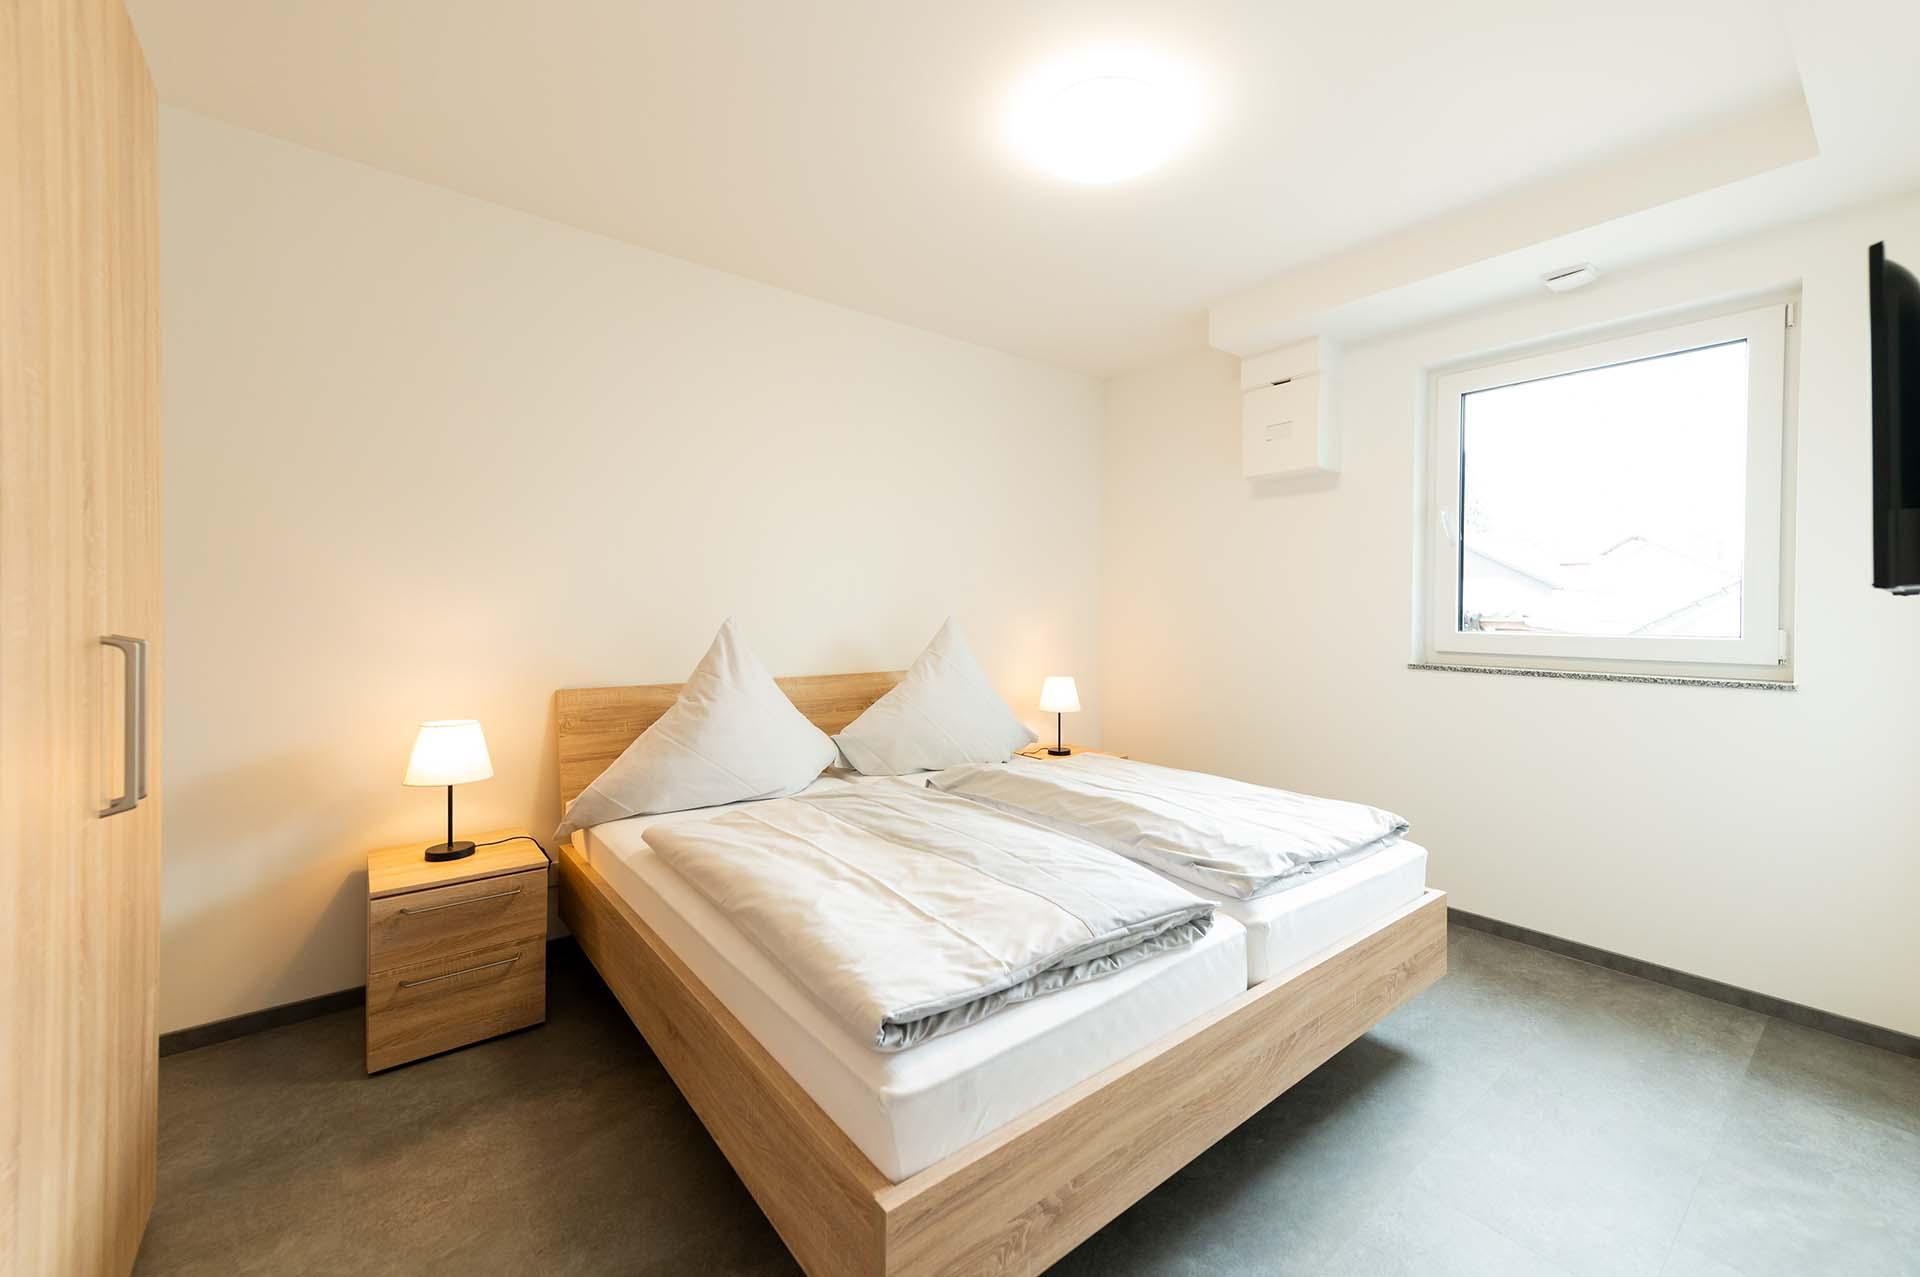 appartement-casino-schloss-berg-schlafzimmer